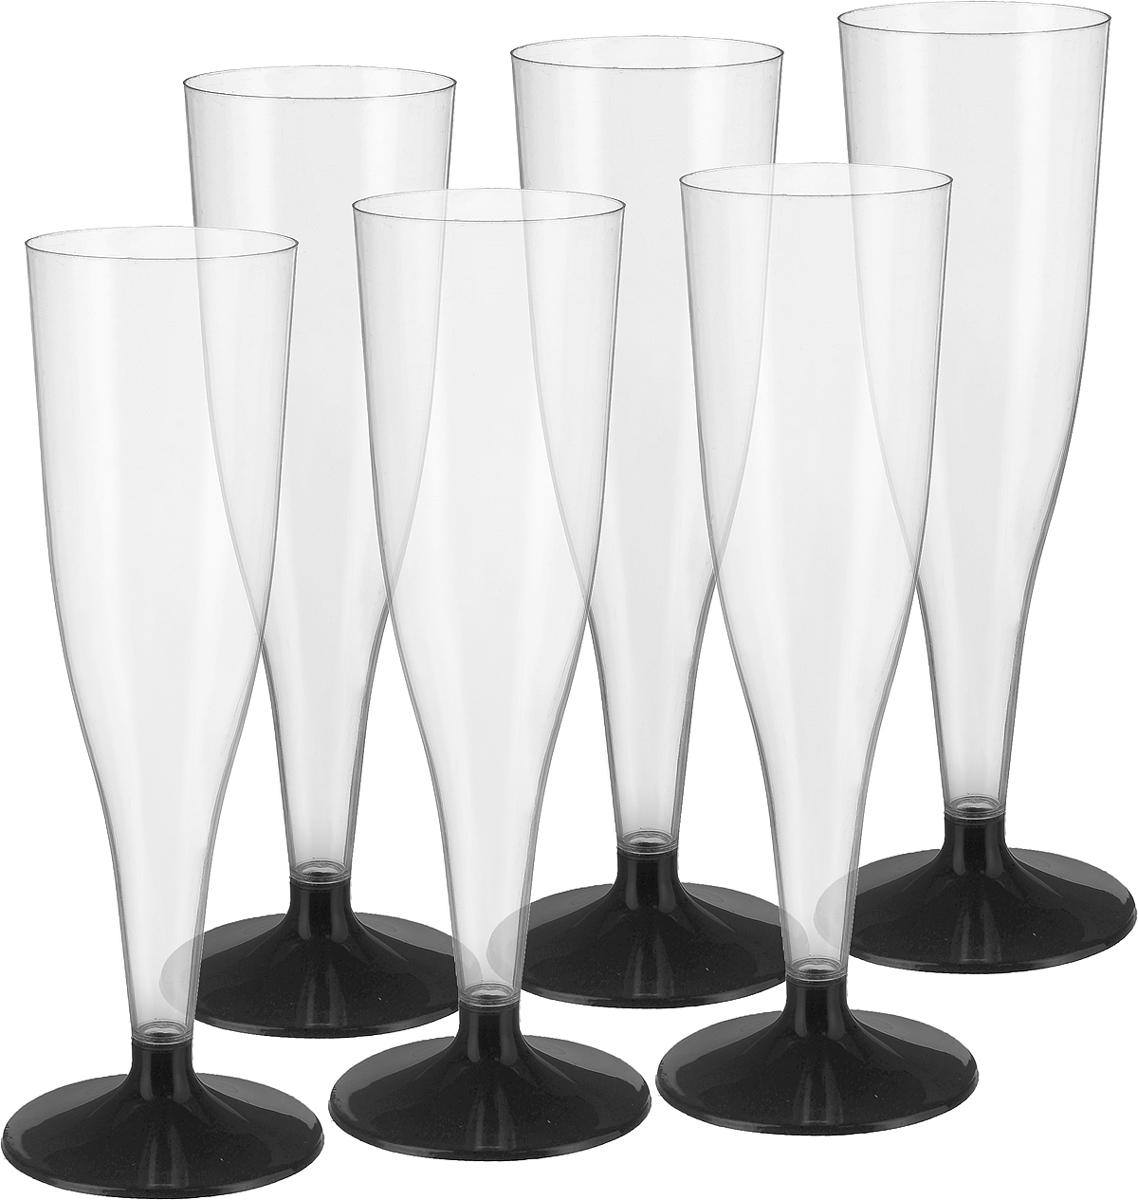 Фужер для коктейлей Buffet, цвет: прозрачный, черный, 100 мл, 6 шт182273/Фужер для коктейлей Buffet выполнен из полистирола. Рекомендуется для использования на вечеринках, корпоративных мероприятиях и свадебных прогулках. Имеют малый вес, не разбиваются и удобны при транспортировке.